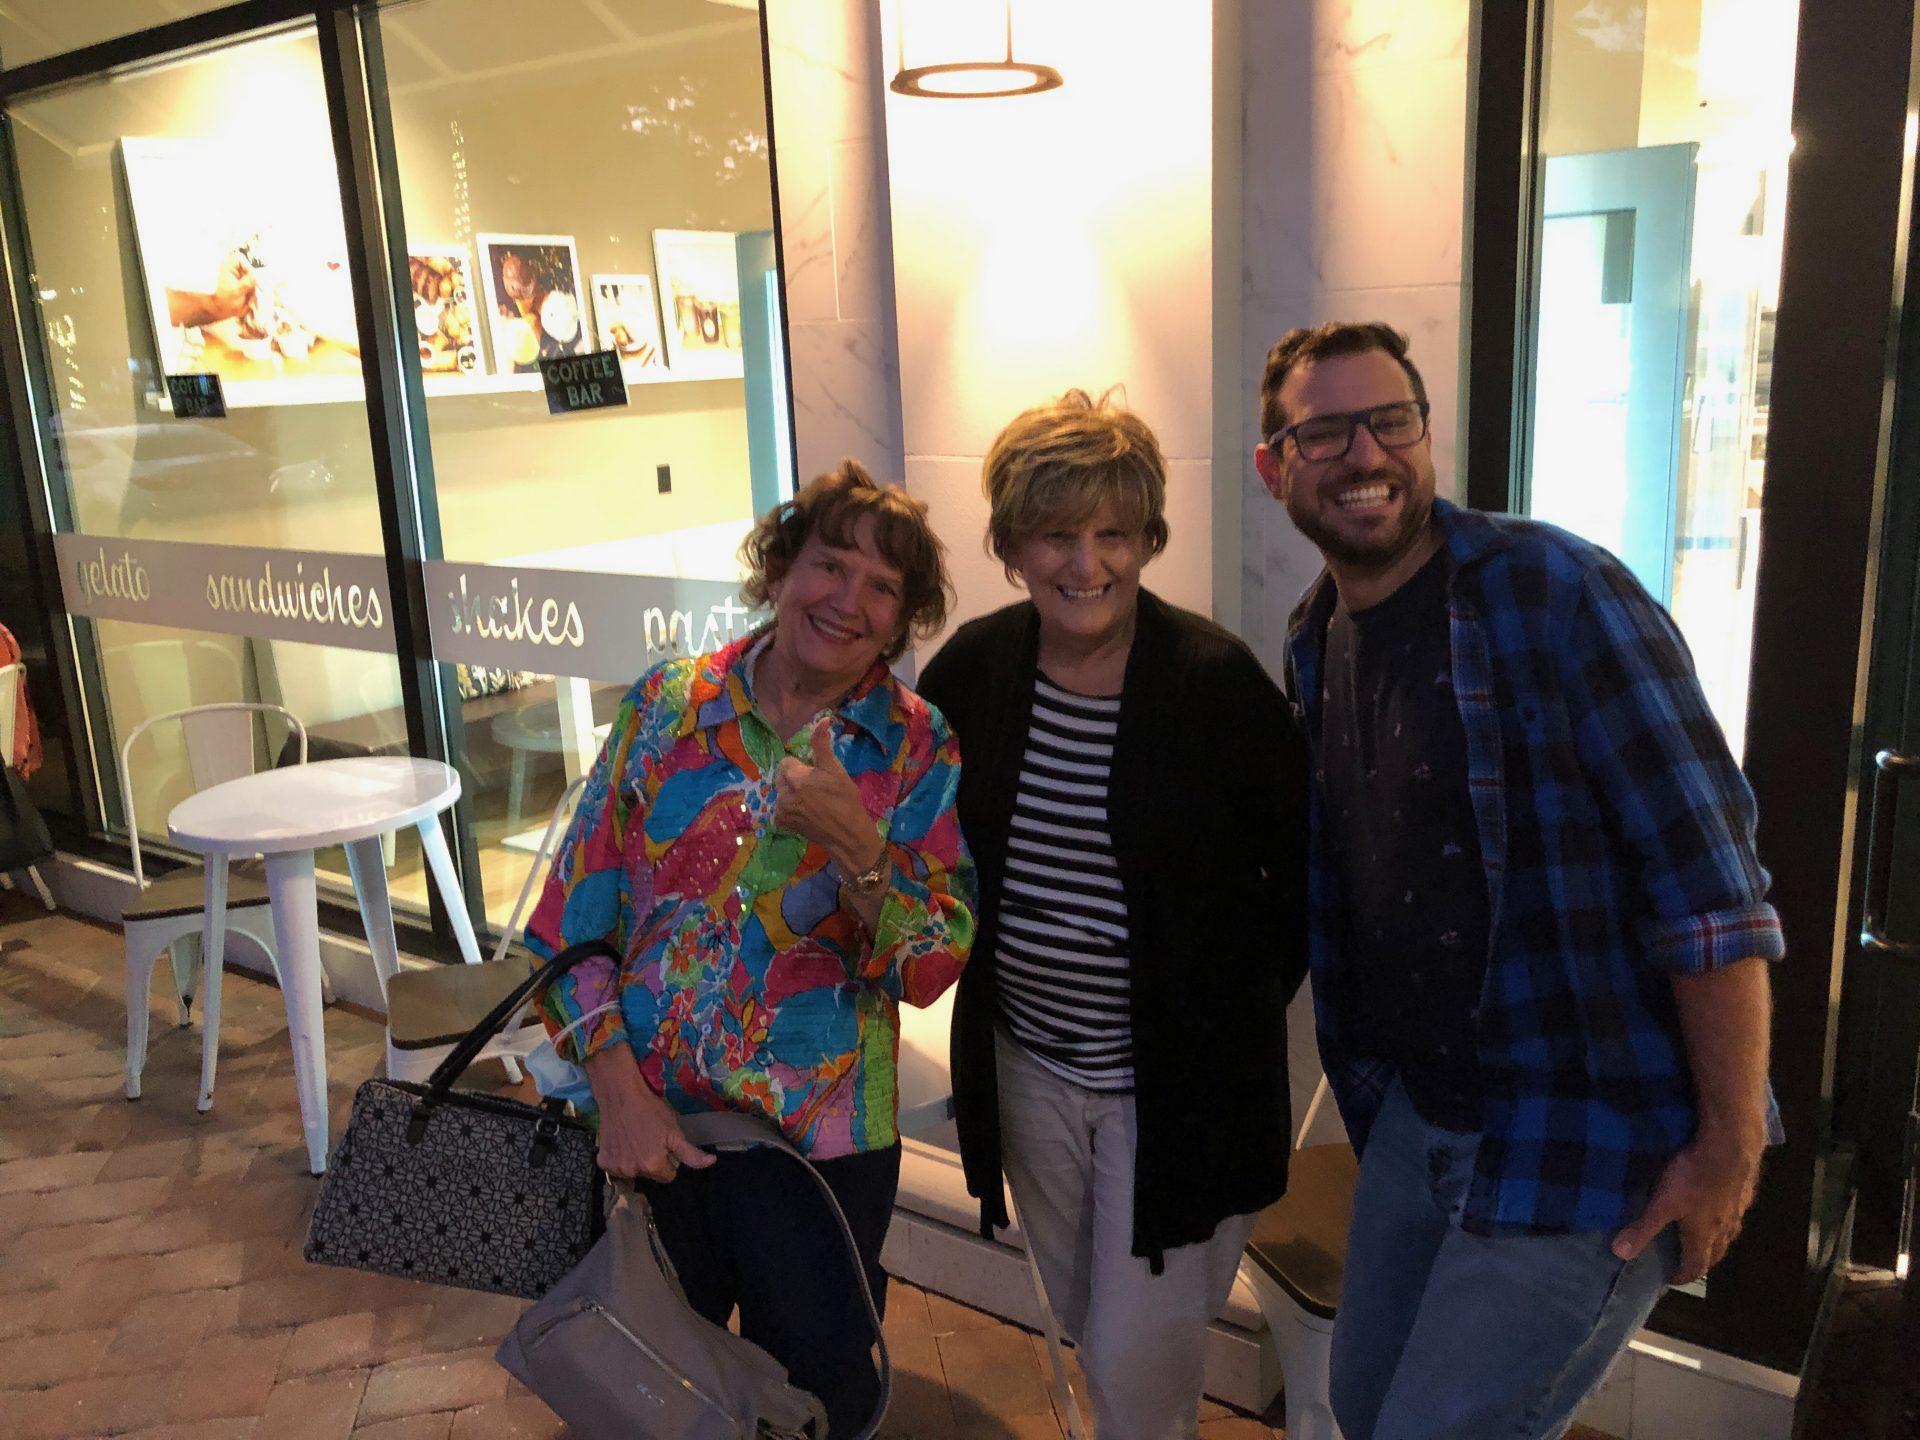 Inge, Jane & guy who photobombed at Naples 11/2021